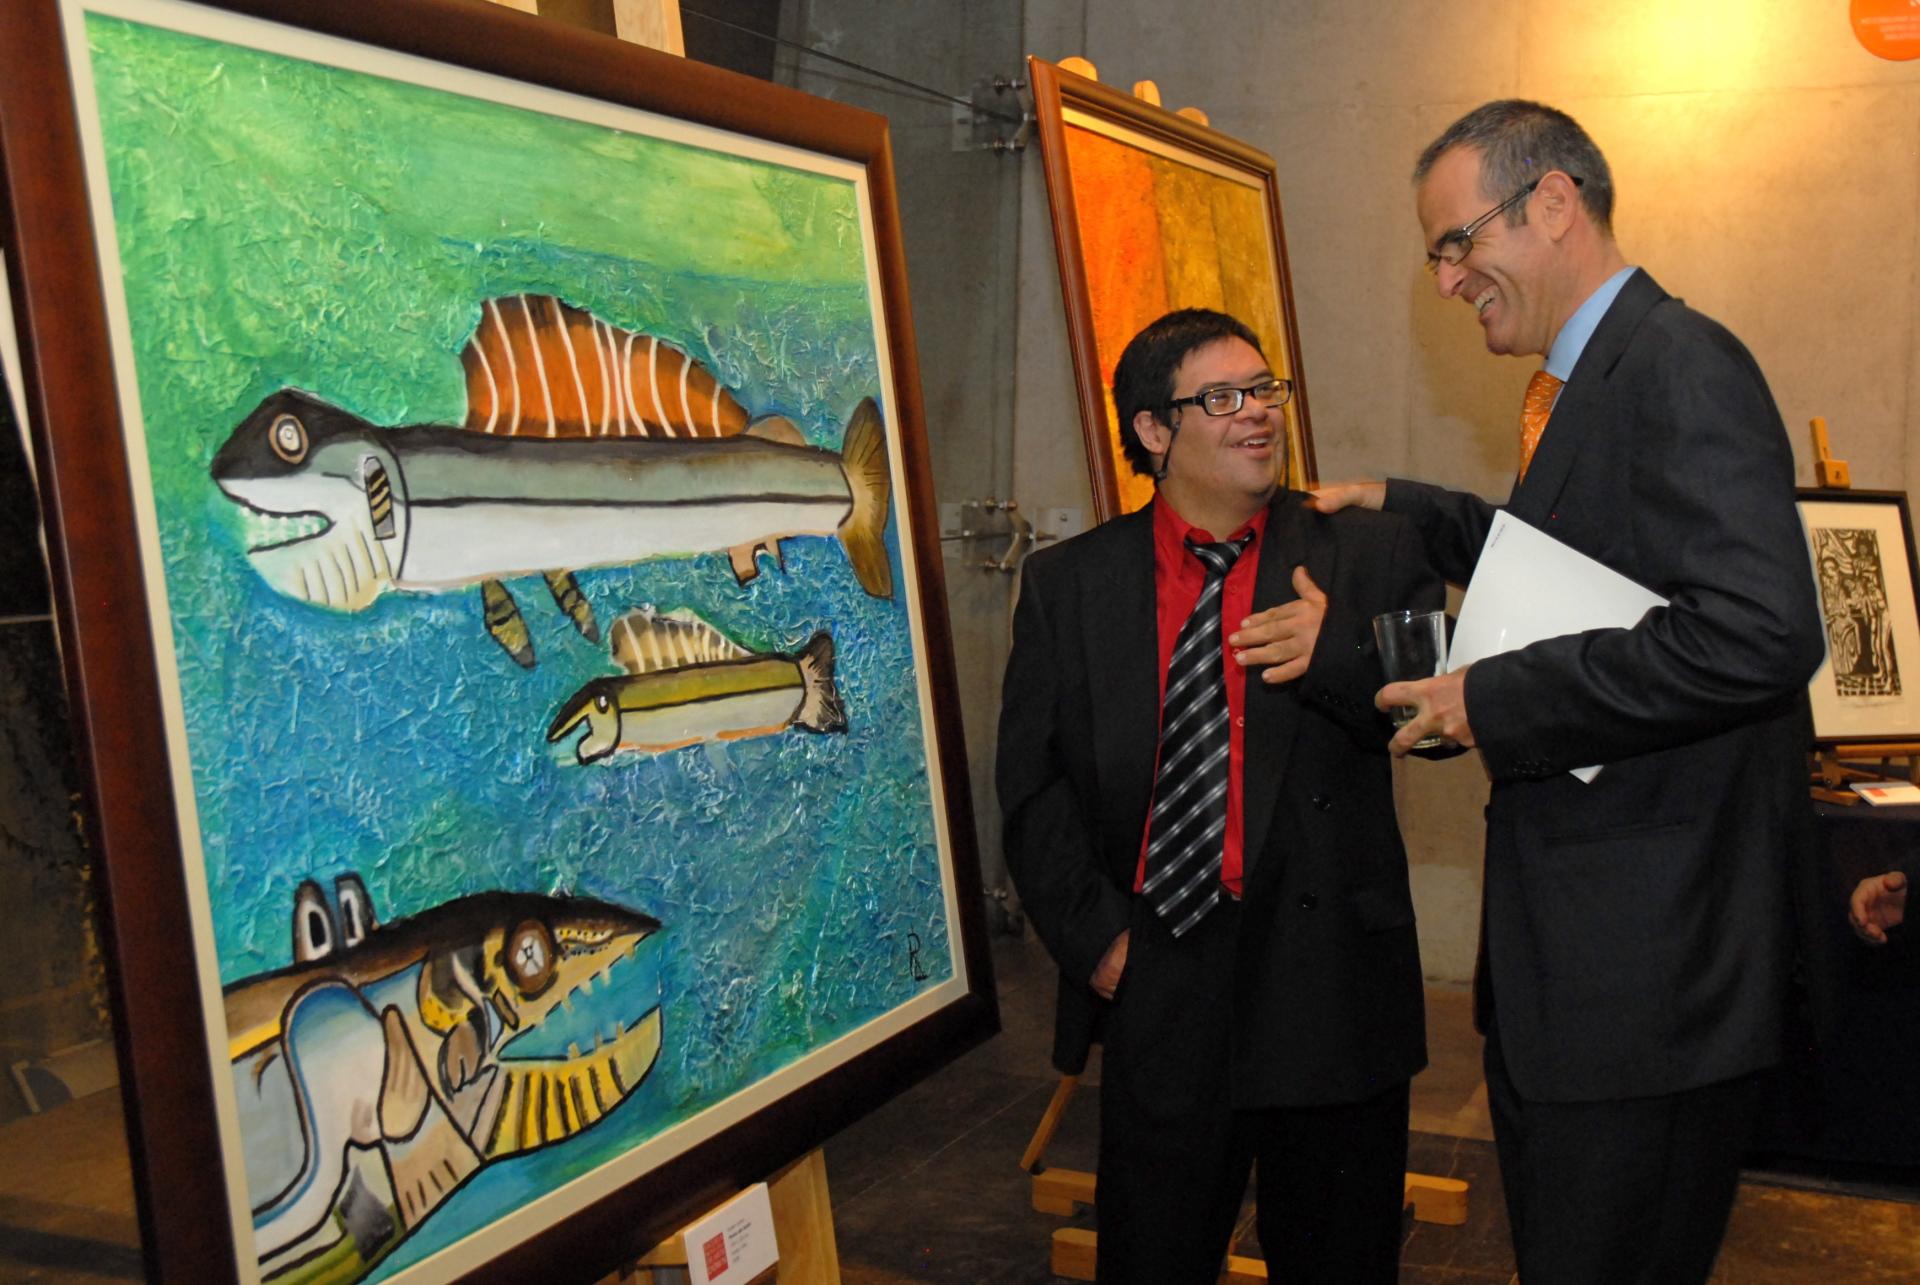 Artista Rubén Larios y Javier Mérida, Dir. Televisa Radio